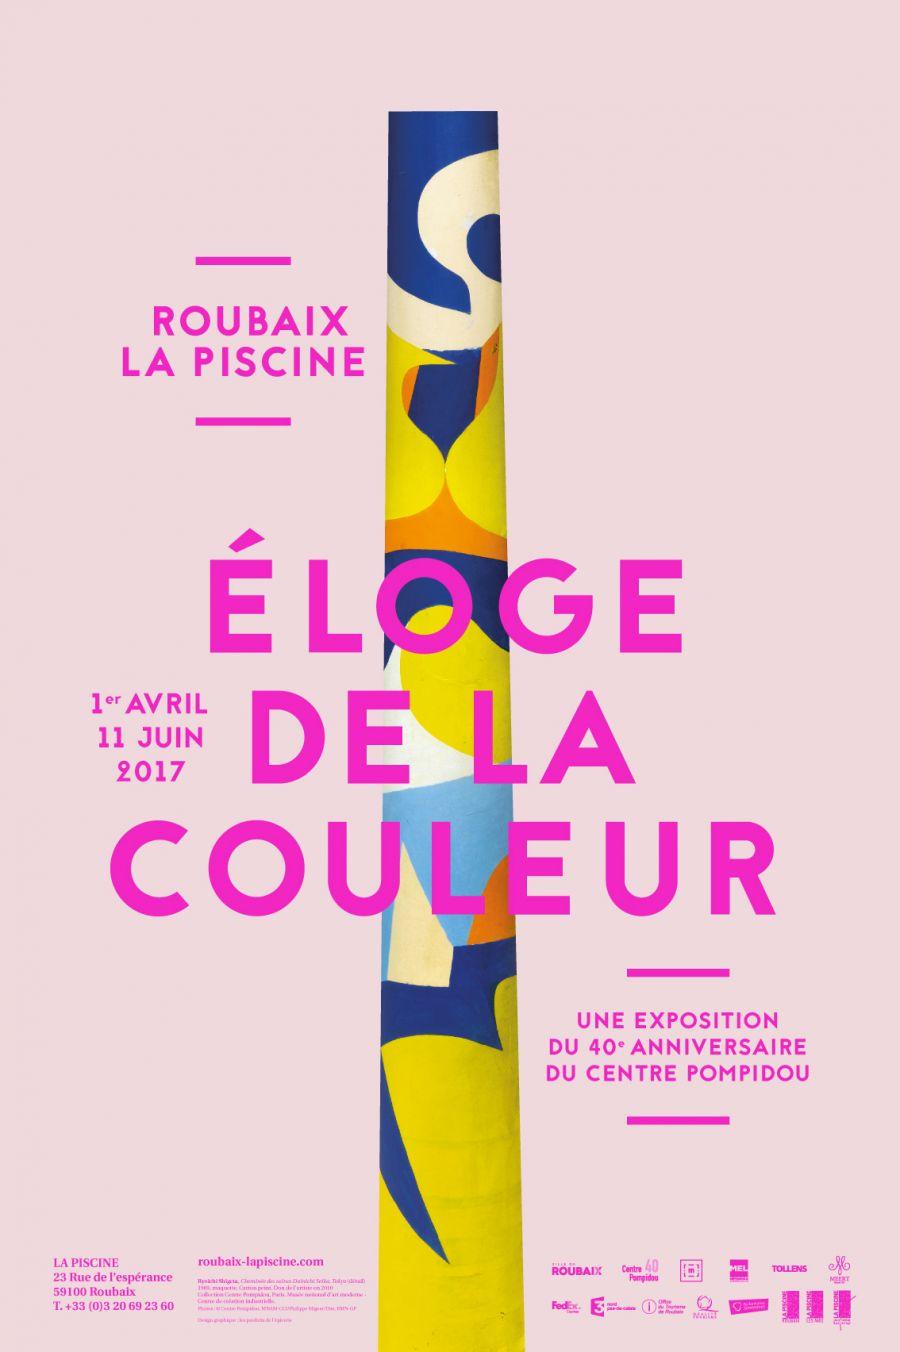 """Affiche de l'exposition """"Eloge de la couleur"""" à La Piscine - Musée d'Art et d'Industrie André Diligent"""